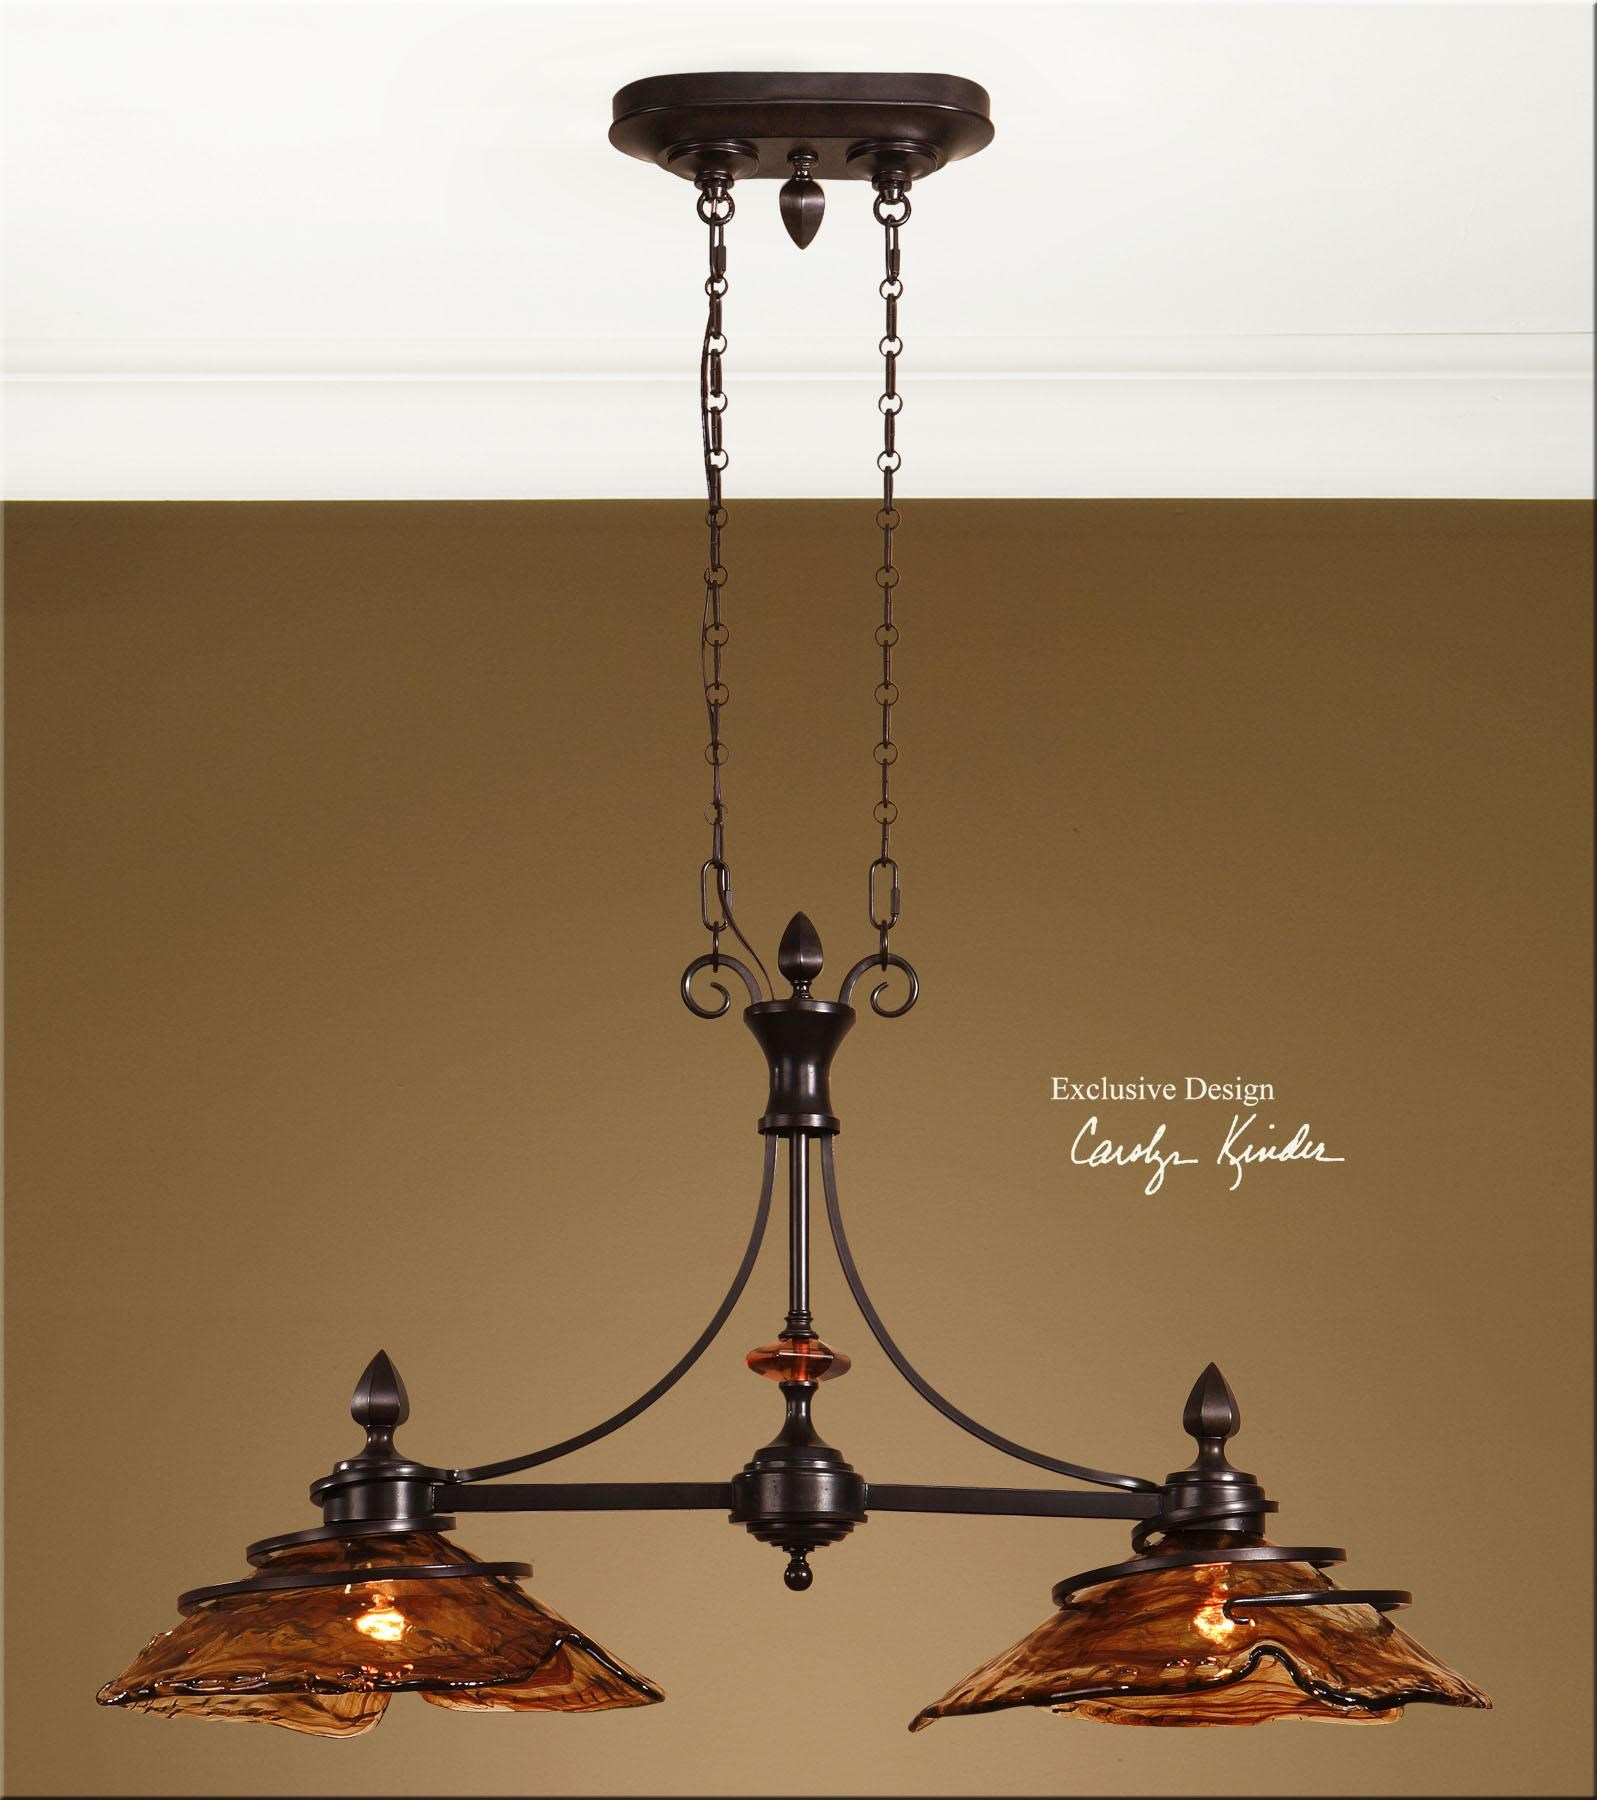 uttermost lighting fixtures vitalia 2 light kitchen island - Uttermost Lighting